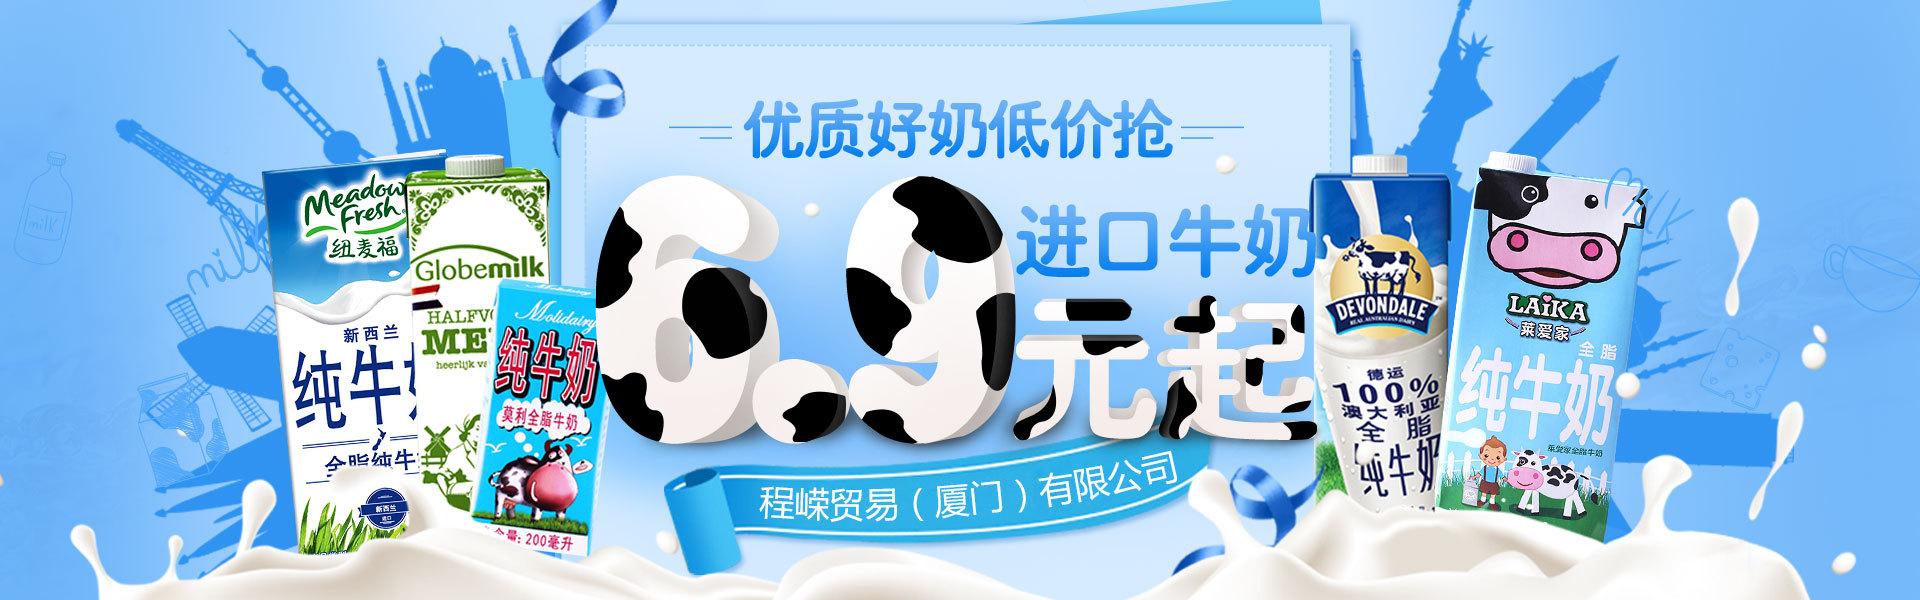 程嵘贸易(厦门)幸运农场主营产品有:澳大利亚宝利牛奶,新西兰纽麦福牛奶,香港克努特曲奇,小王子,姆明曲奇等进口食品